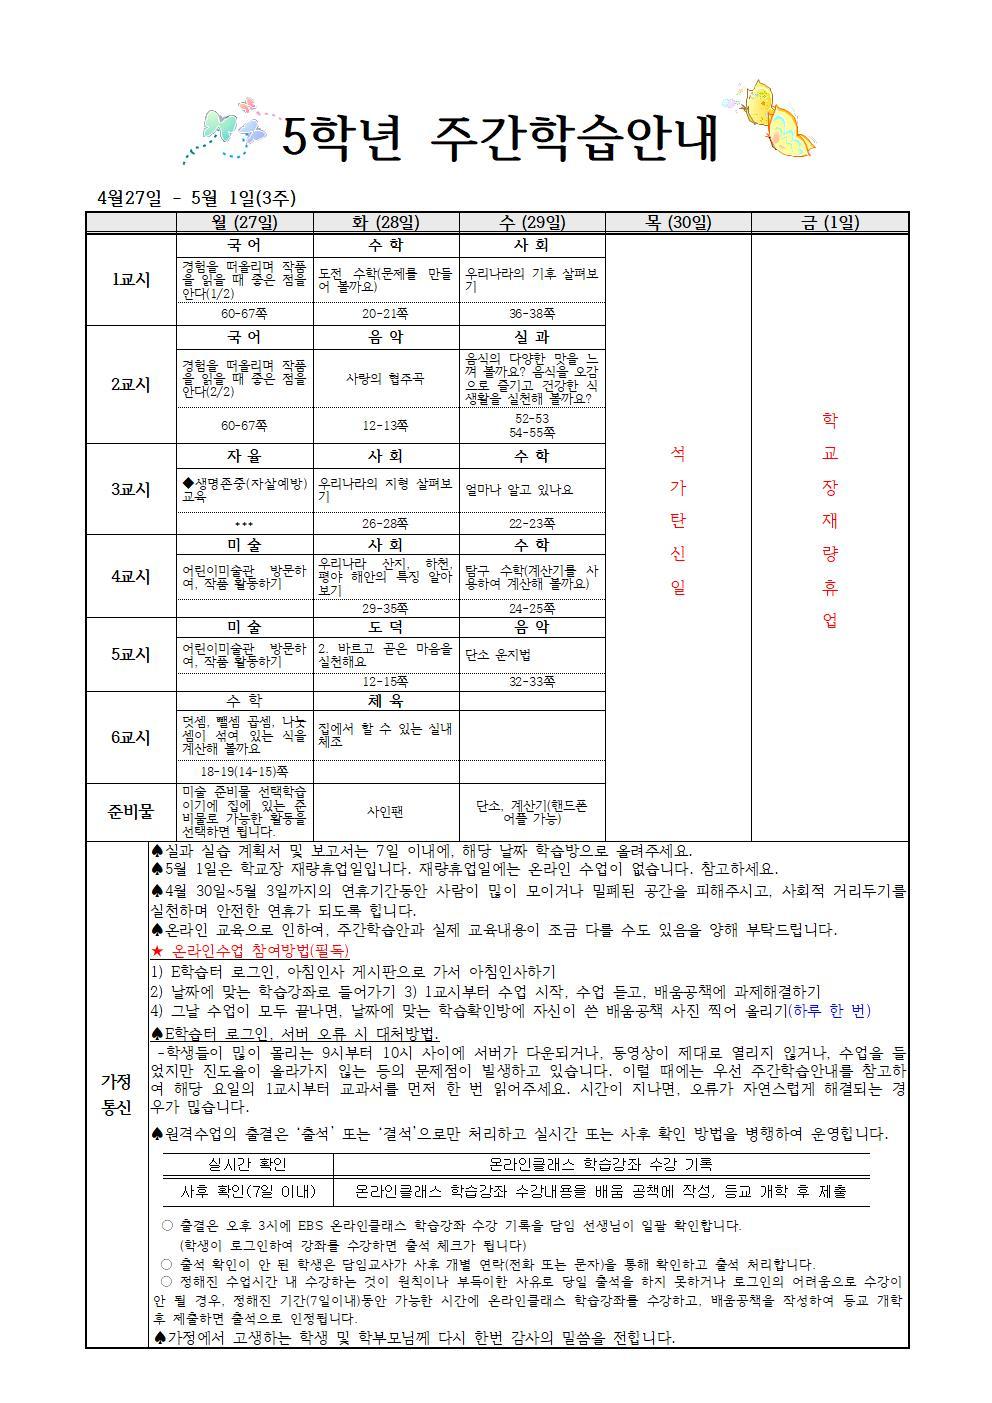 [일반] (4월 27일 - 5월 1일) 5학년 원격수업 주간학습안내의 첨부이미지 1